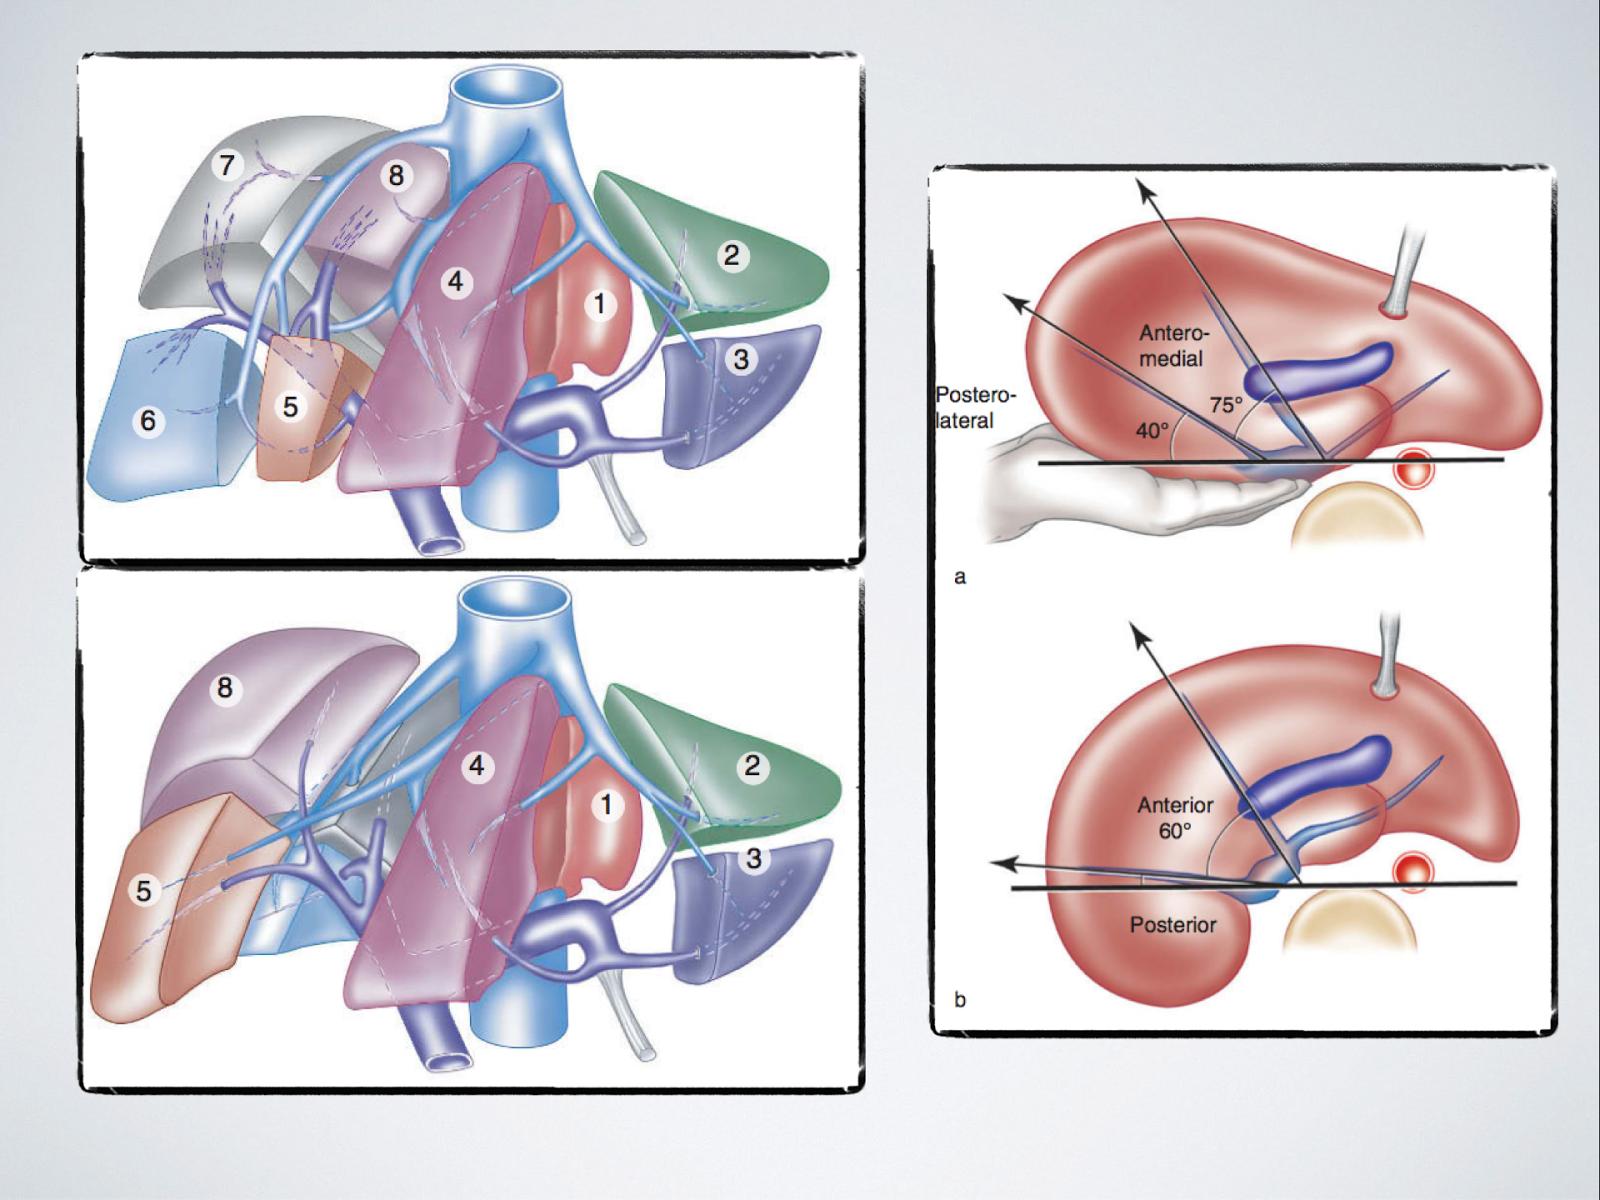 Cuadernos de Anatomía Quirúrgica: Segmentación hepática en ecografía.